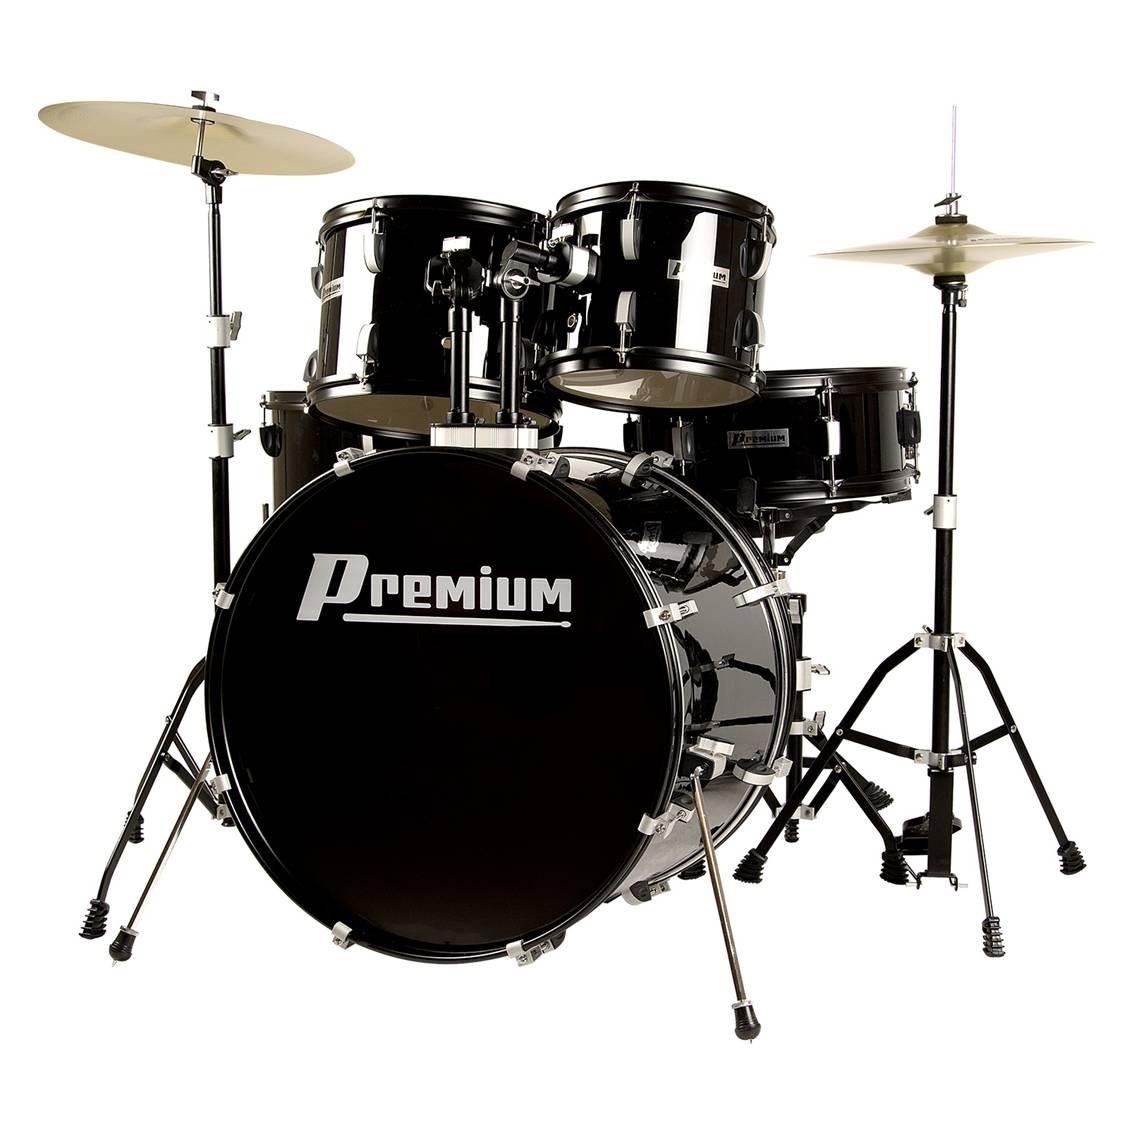 Imagem do produto Bateria Acústica Premium DX-722